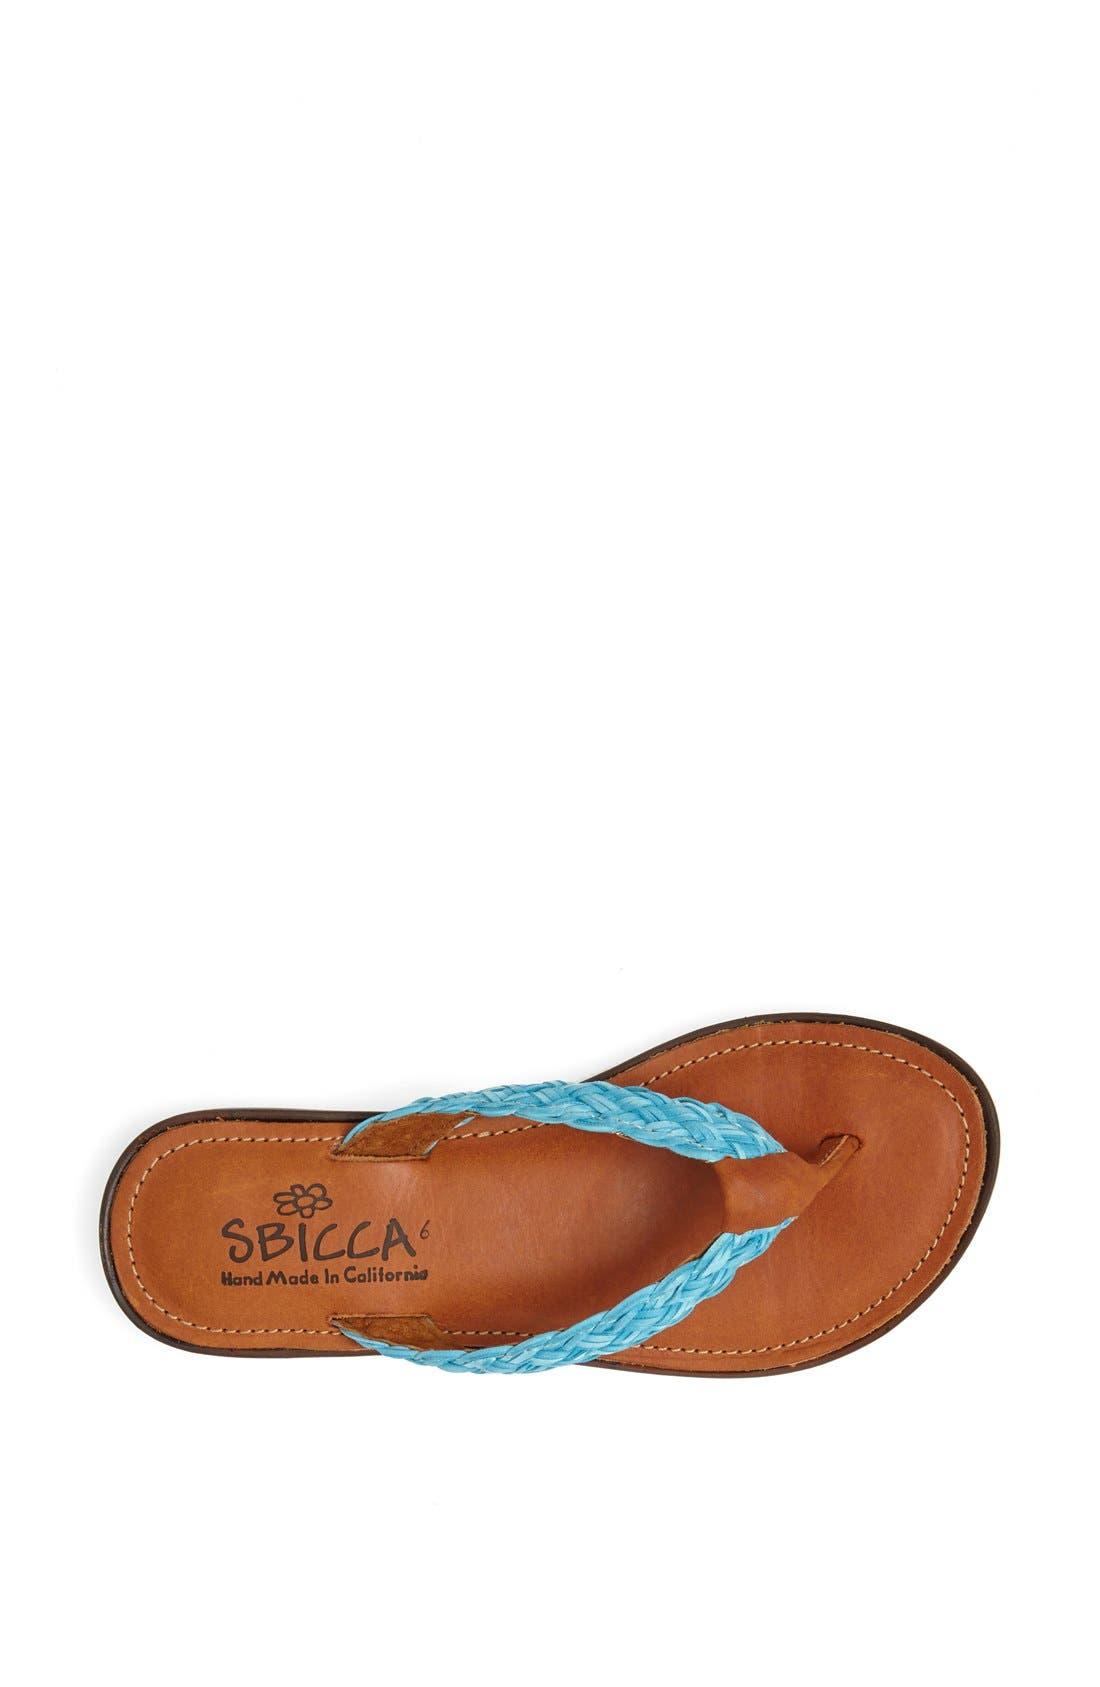 Alternate Image 3  - Sbicca 'Abalone' Flip Flop